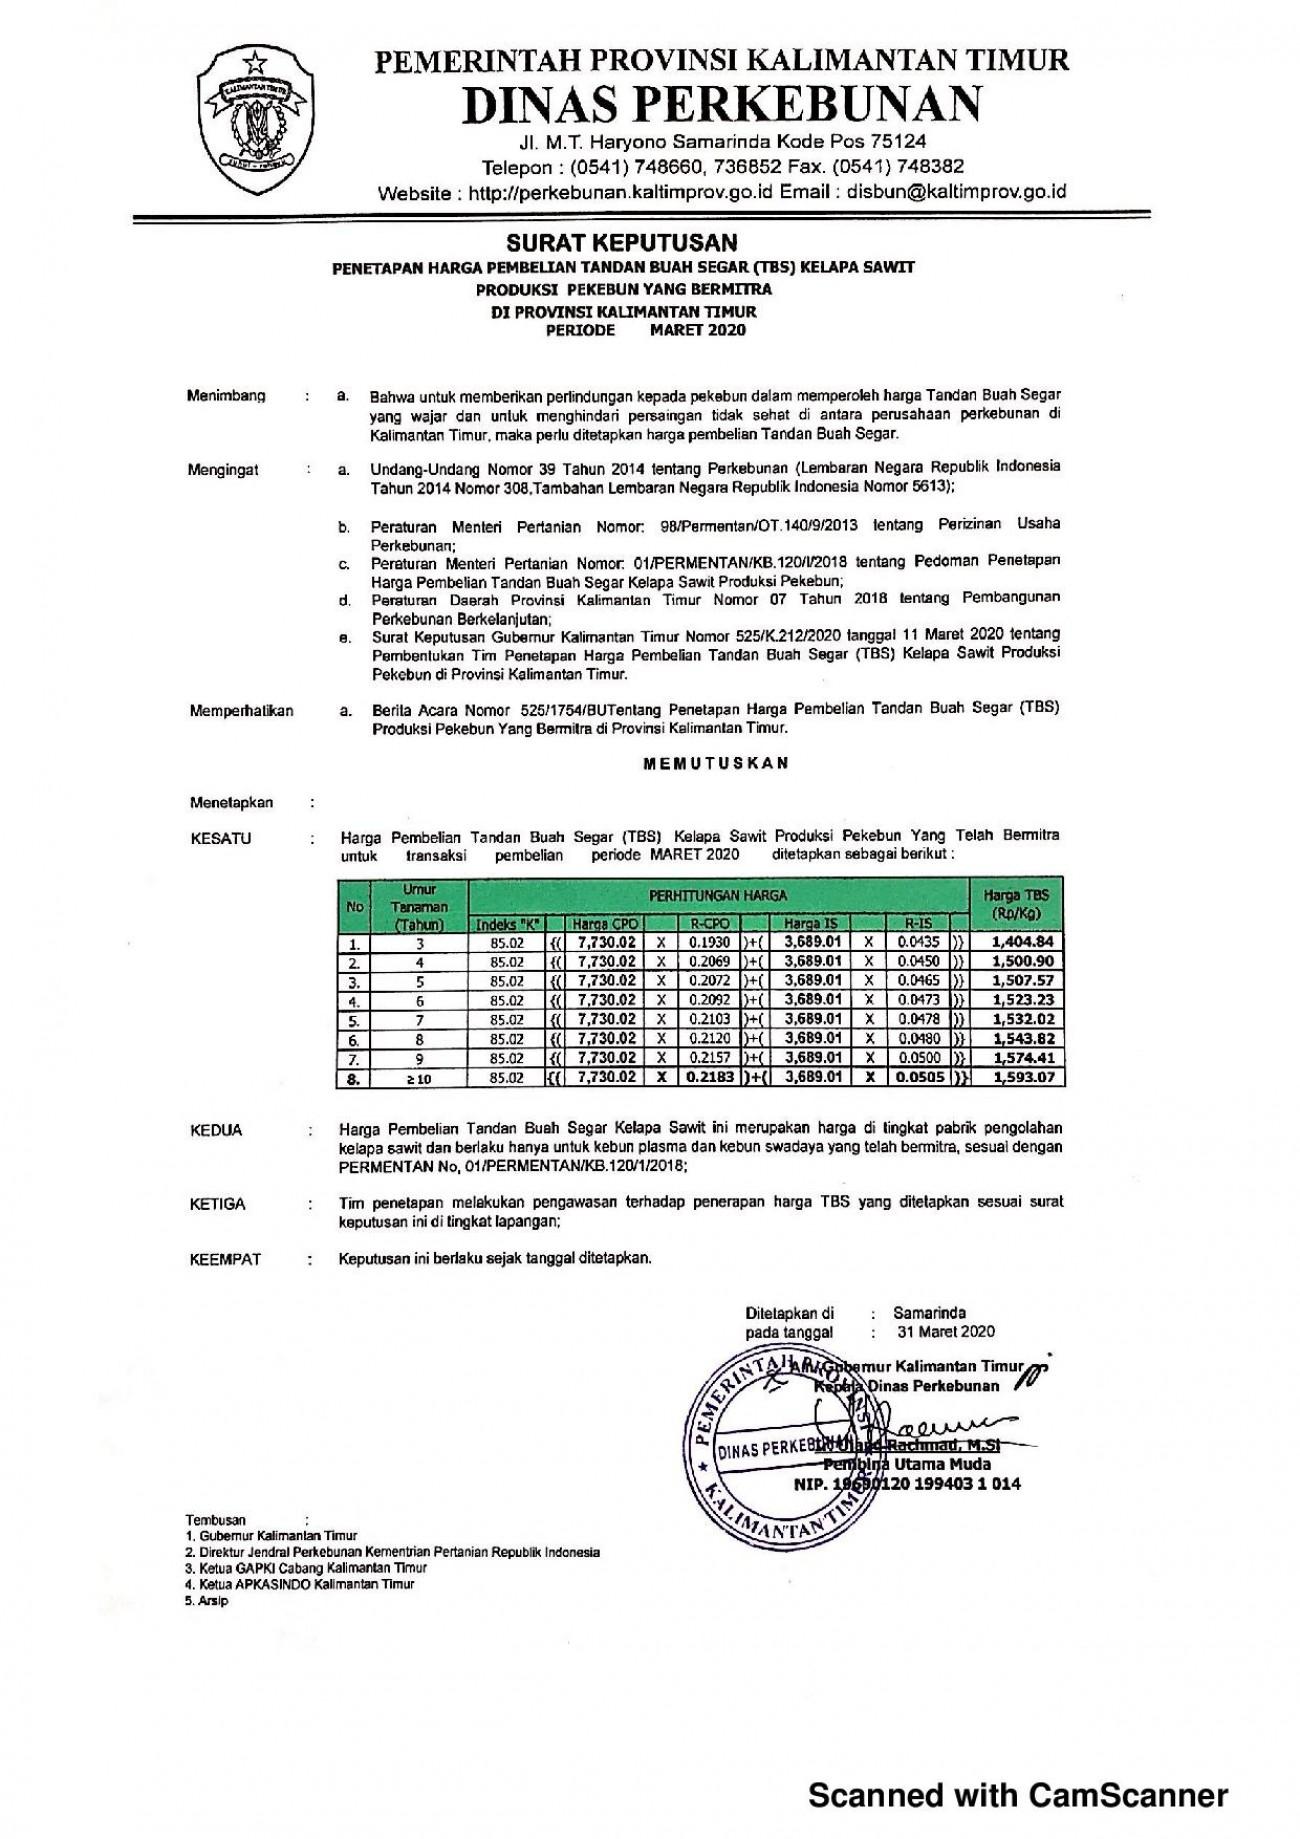 Informasi Harga TBS Kelapa Sawit Bagi Pekebun Bermitra Bulan Maret 2020